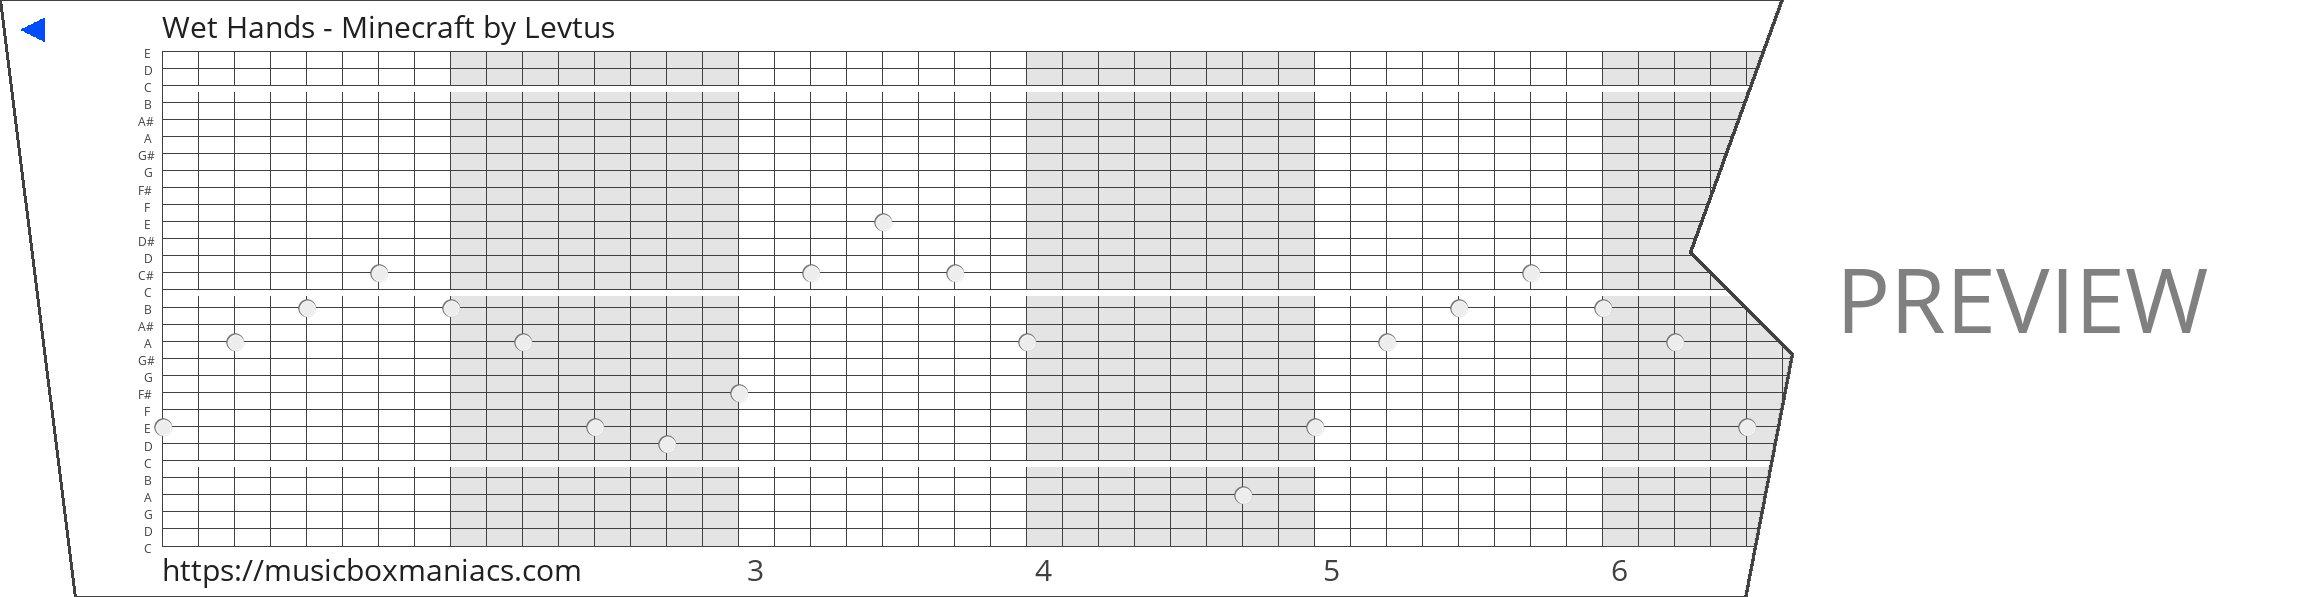 Wet Hands - Minecraft 30 note music box paper strip